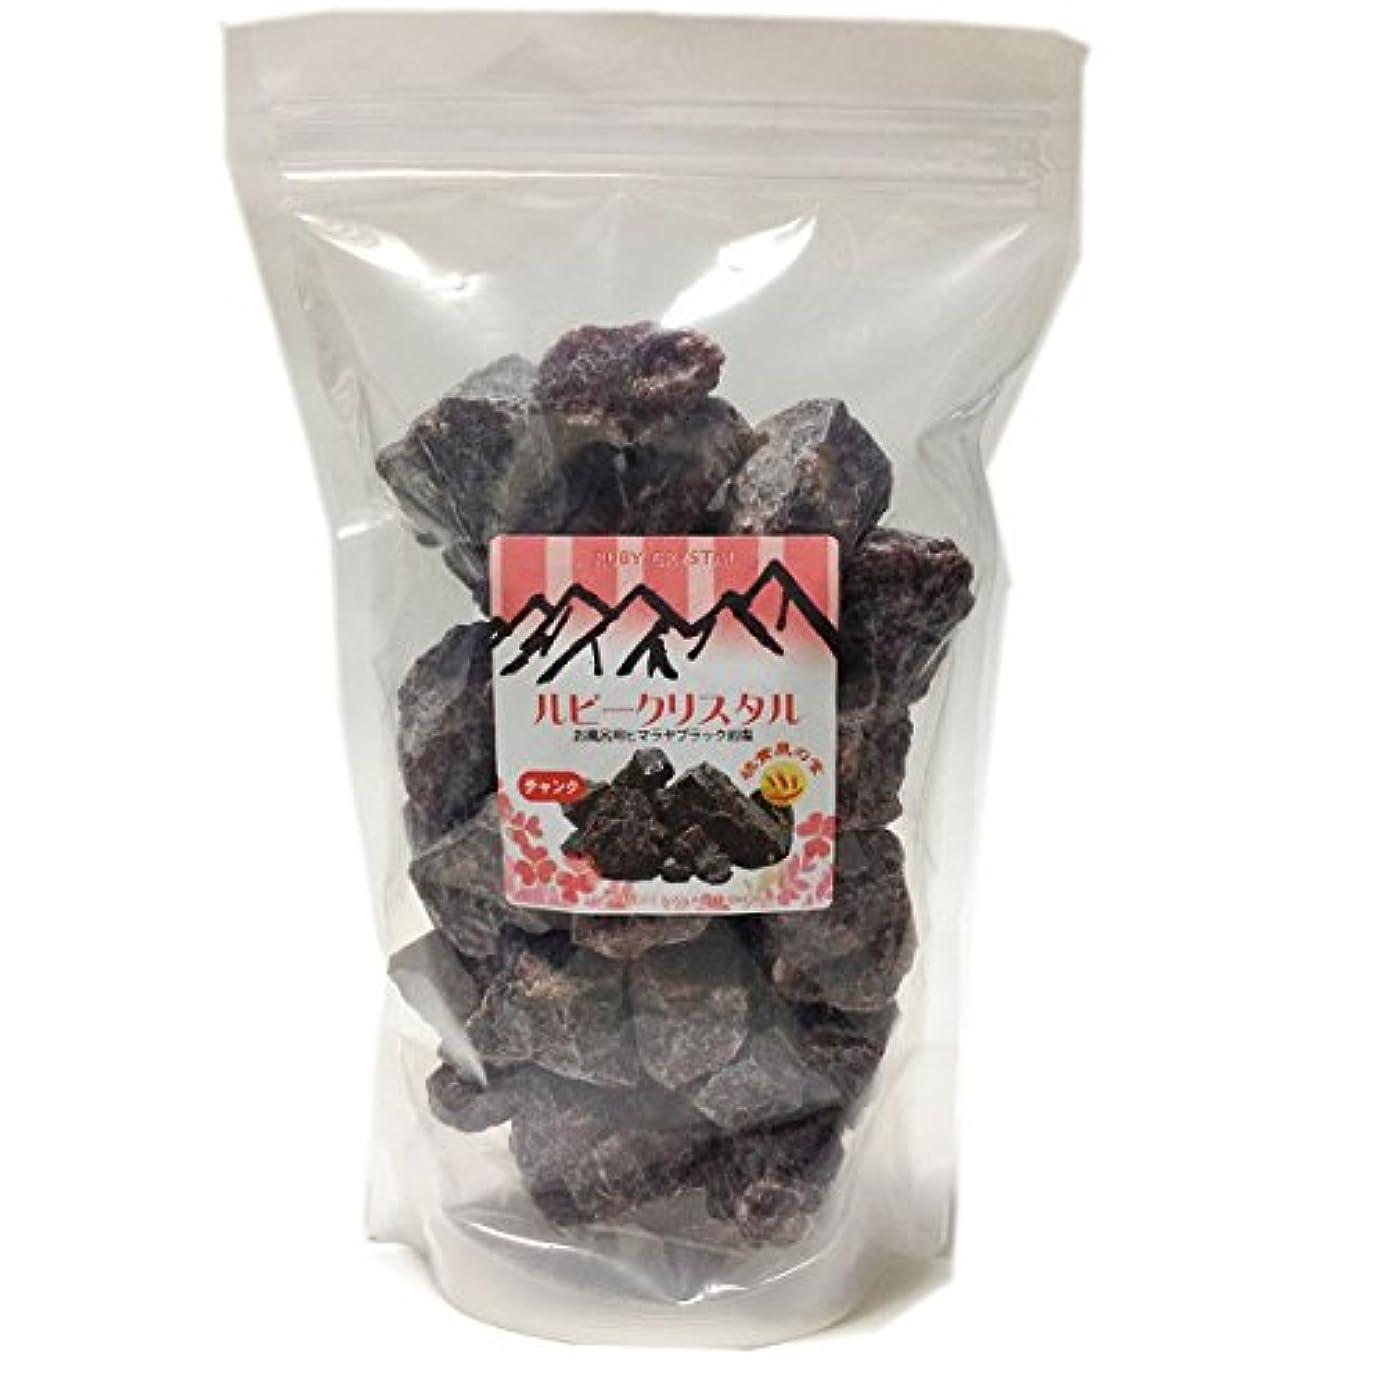 普通の挑む表示ヒマラヤ岩塩 ルビークリスタル 硫黄泉?ブラックソルト 1Kg